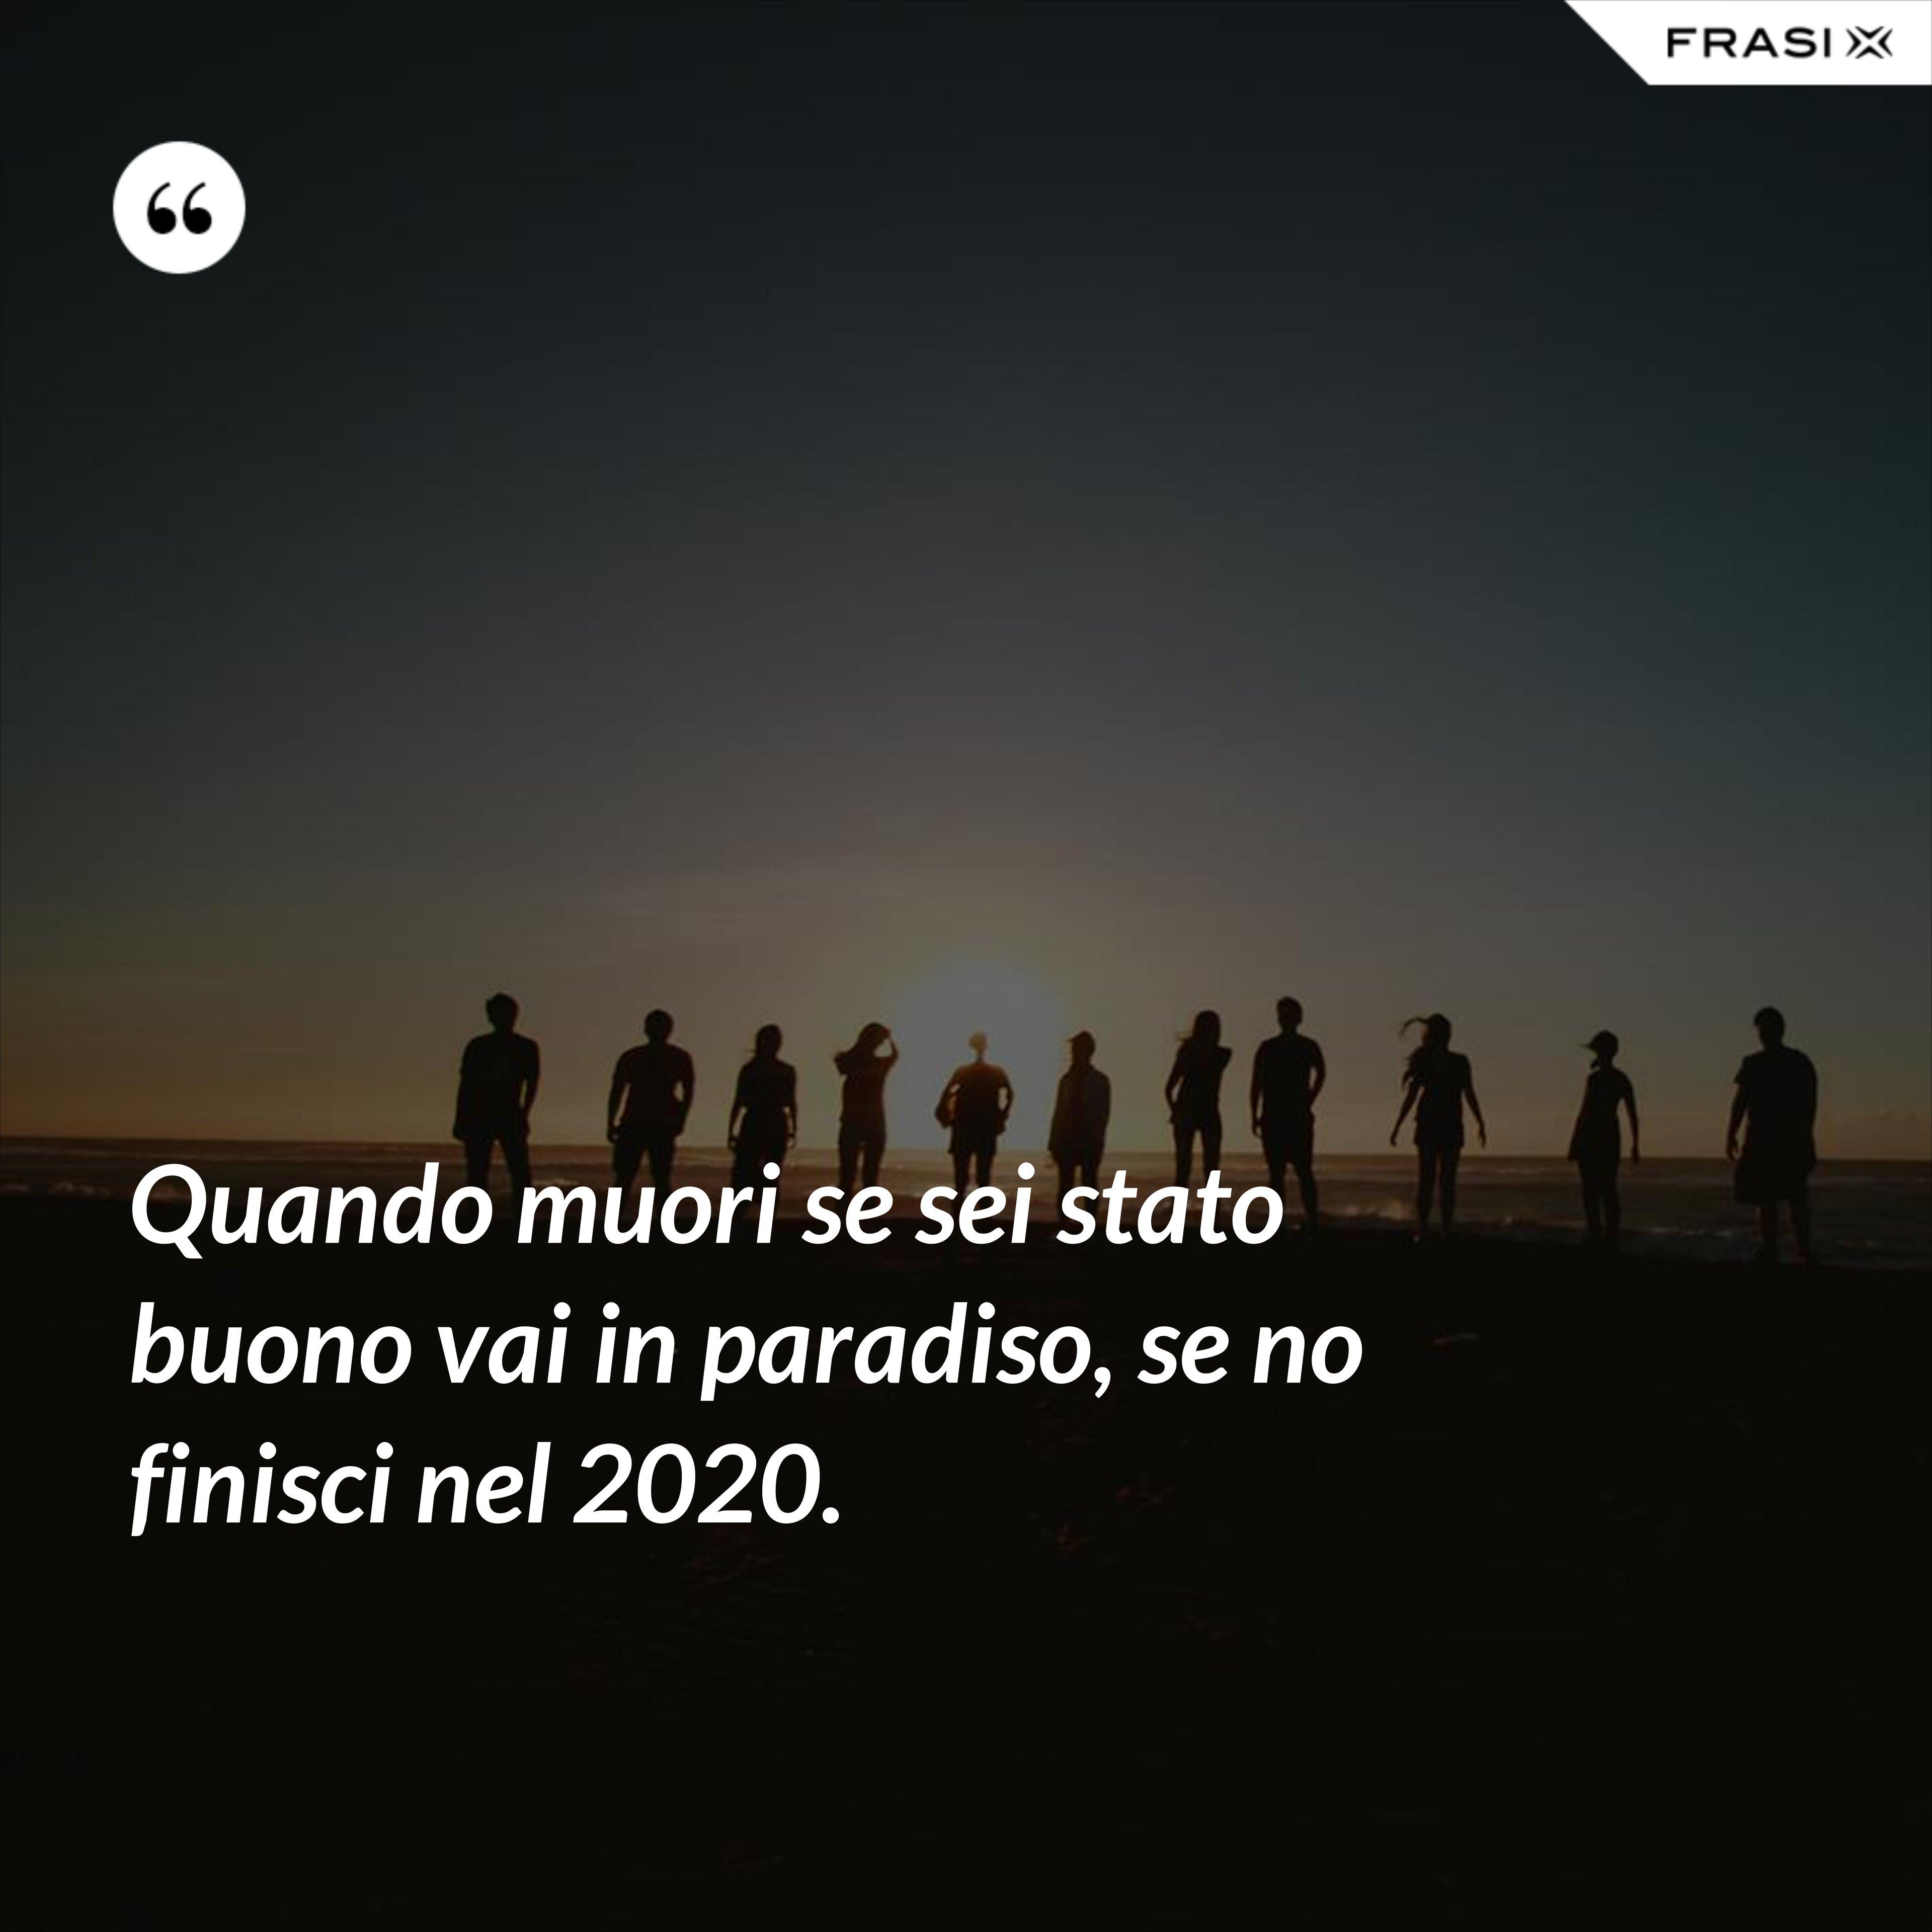 Quando muori se sei stato buono vai in paradiso, se no finisci nel 2020. - Anonimo